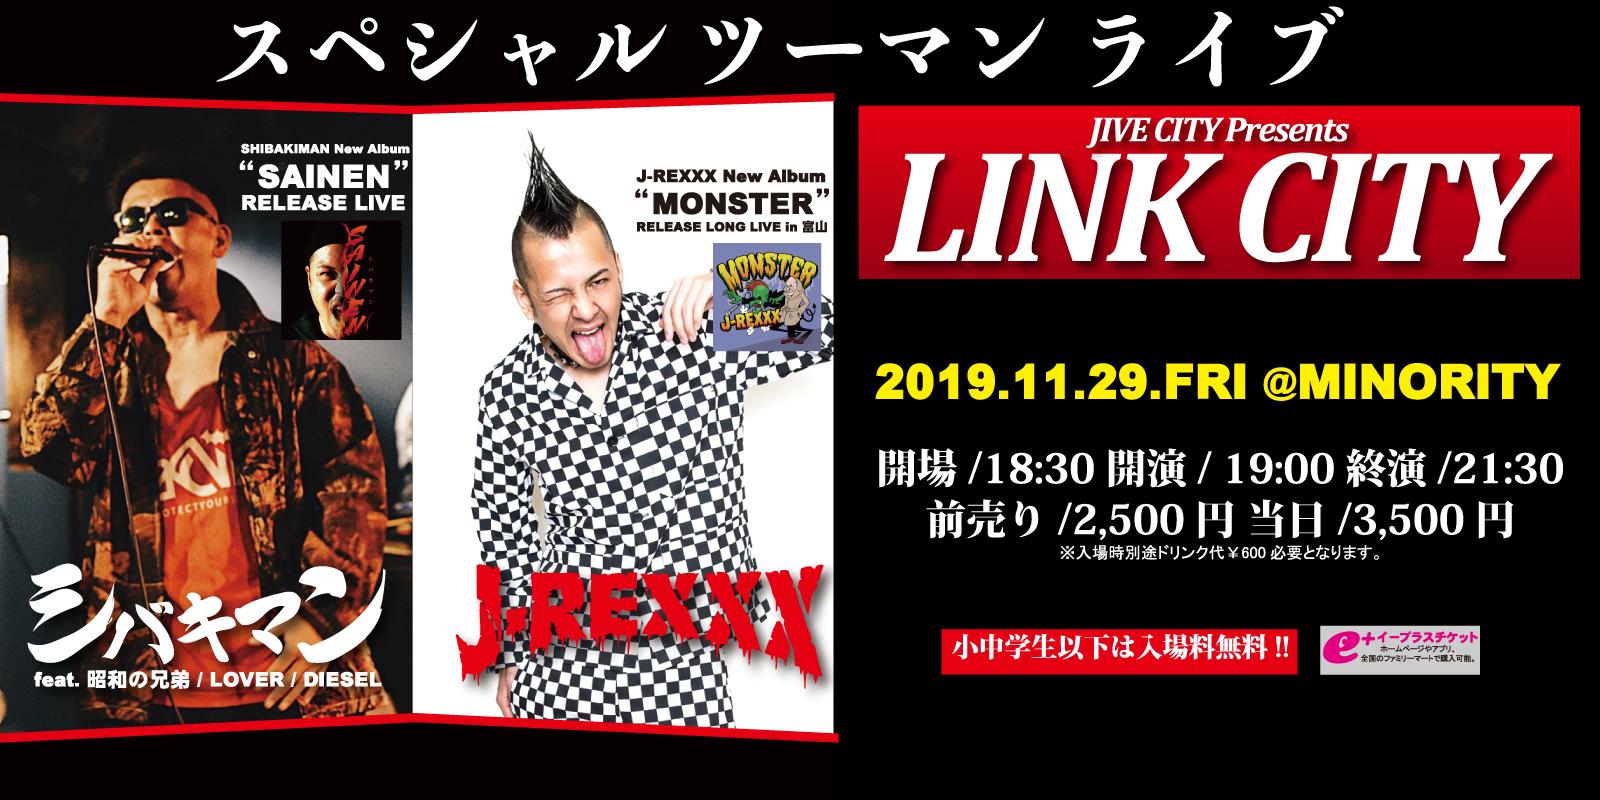 J_REXXX